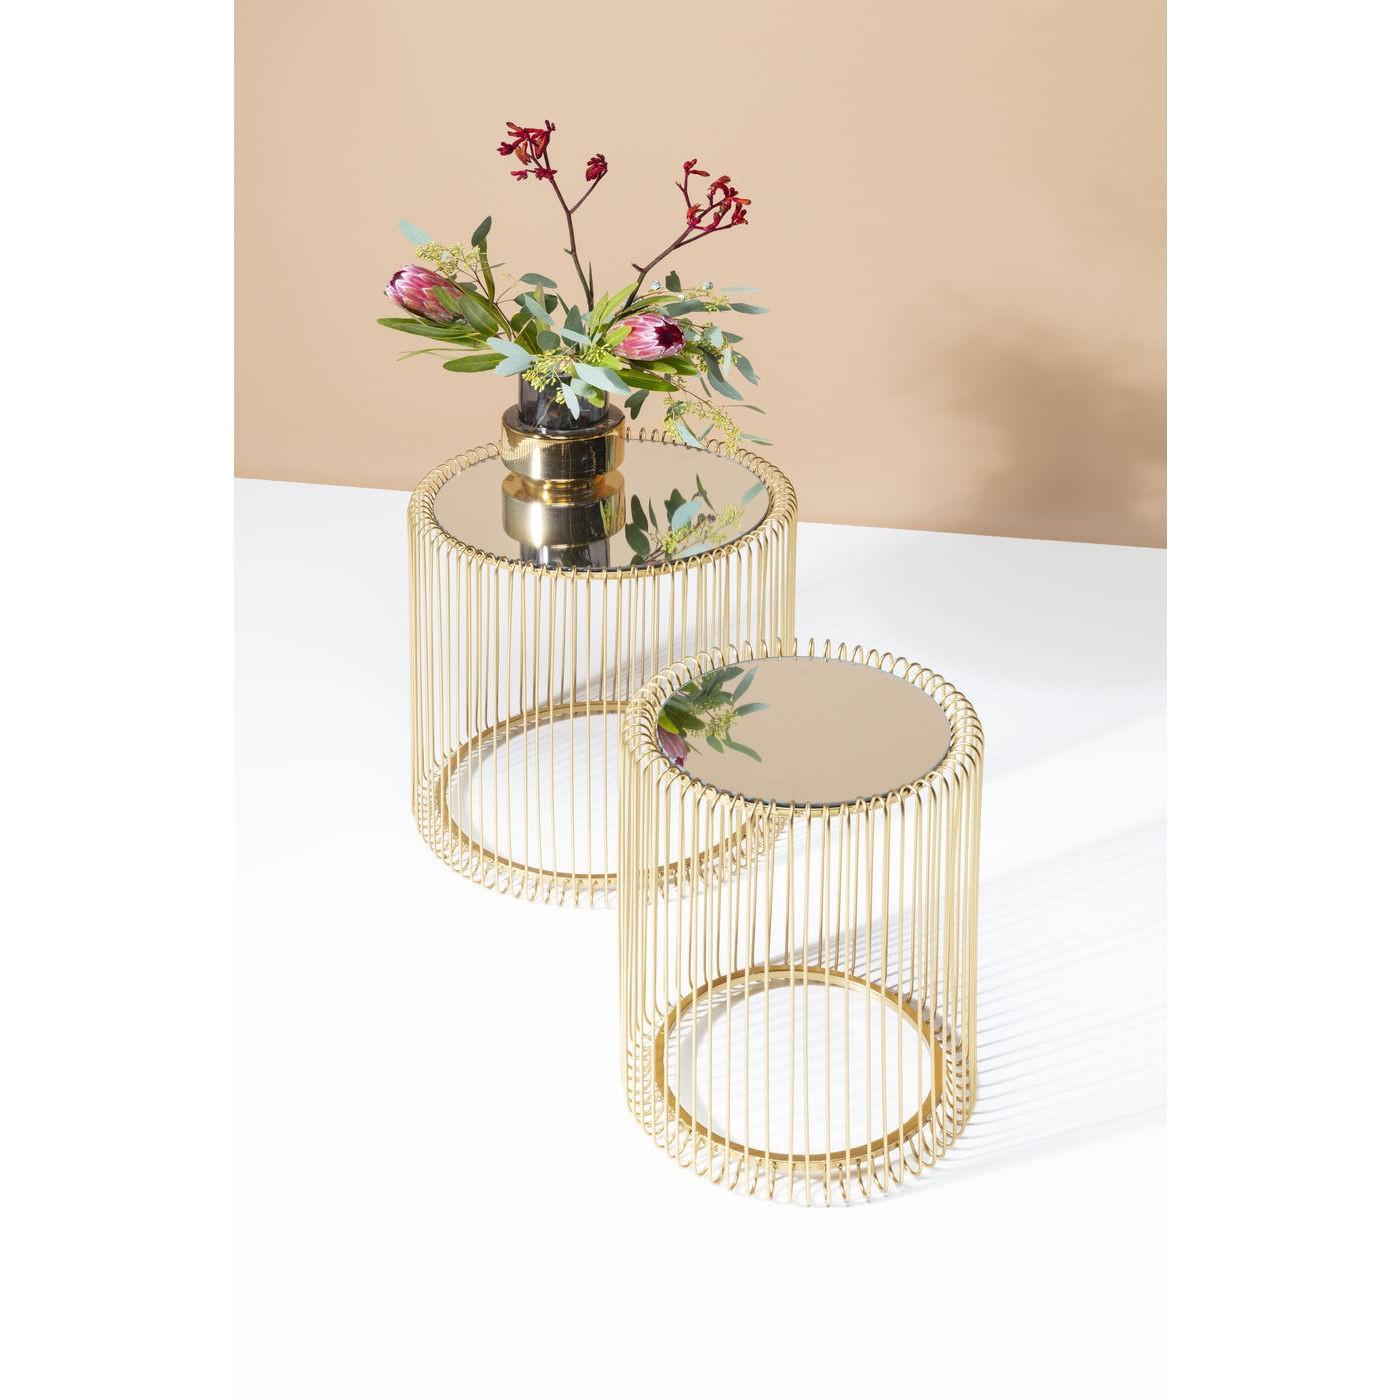 2 tables d'appoint rondes en acier doré et verre miroir